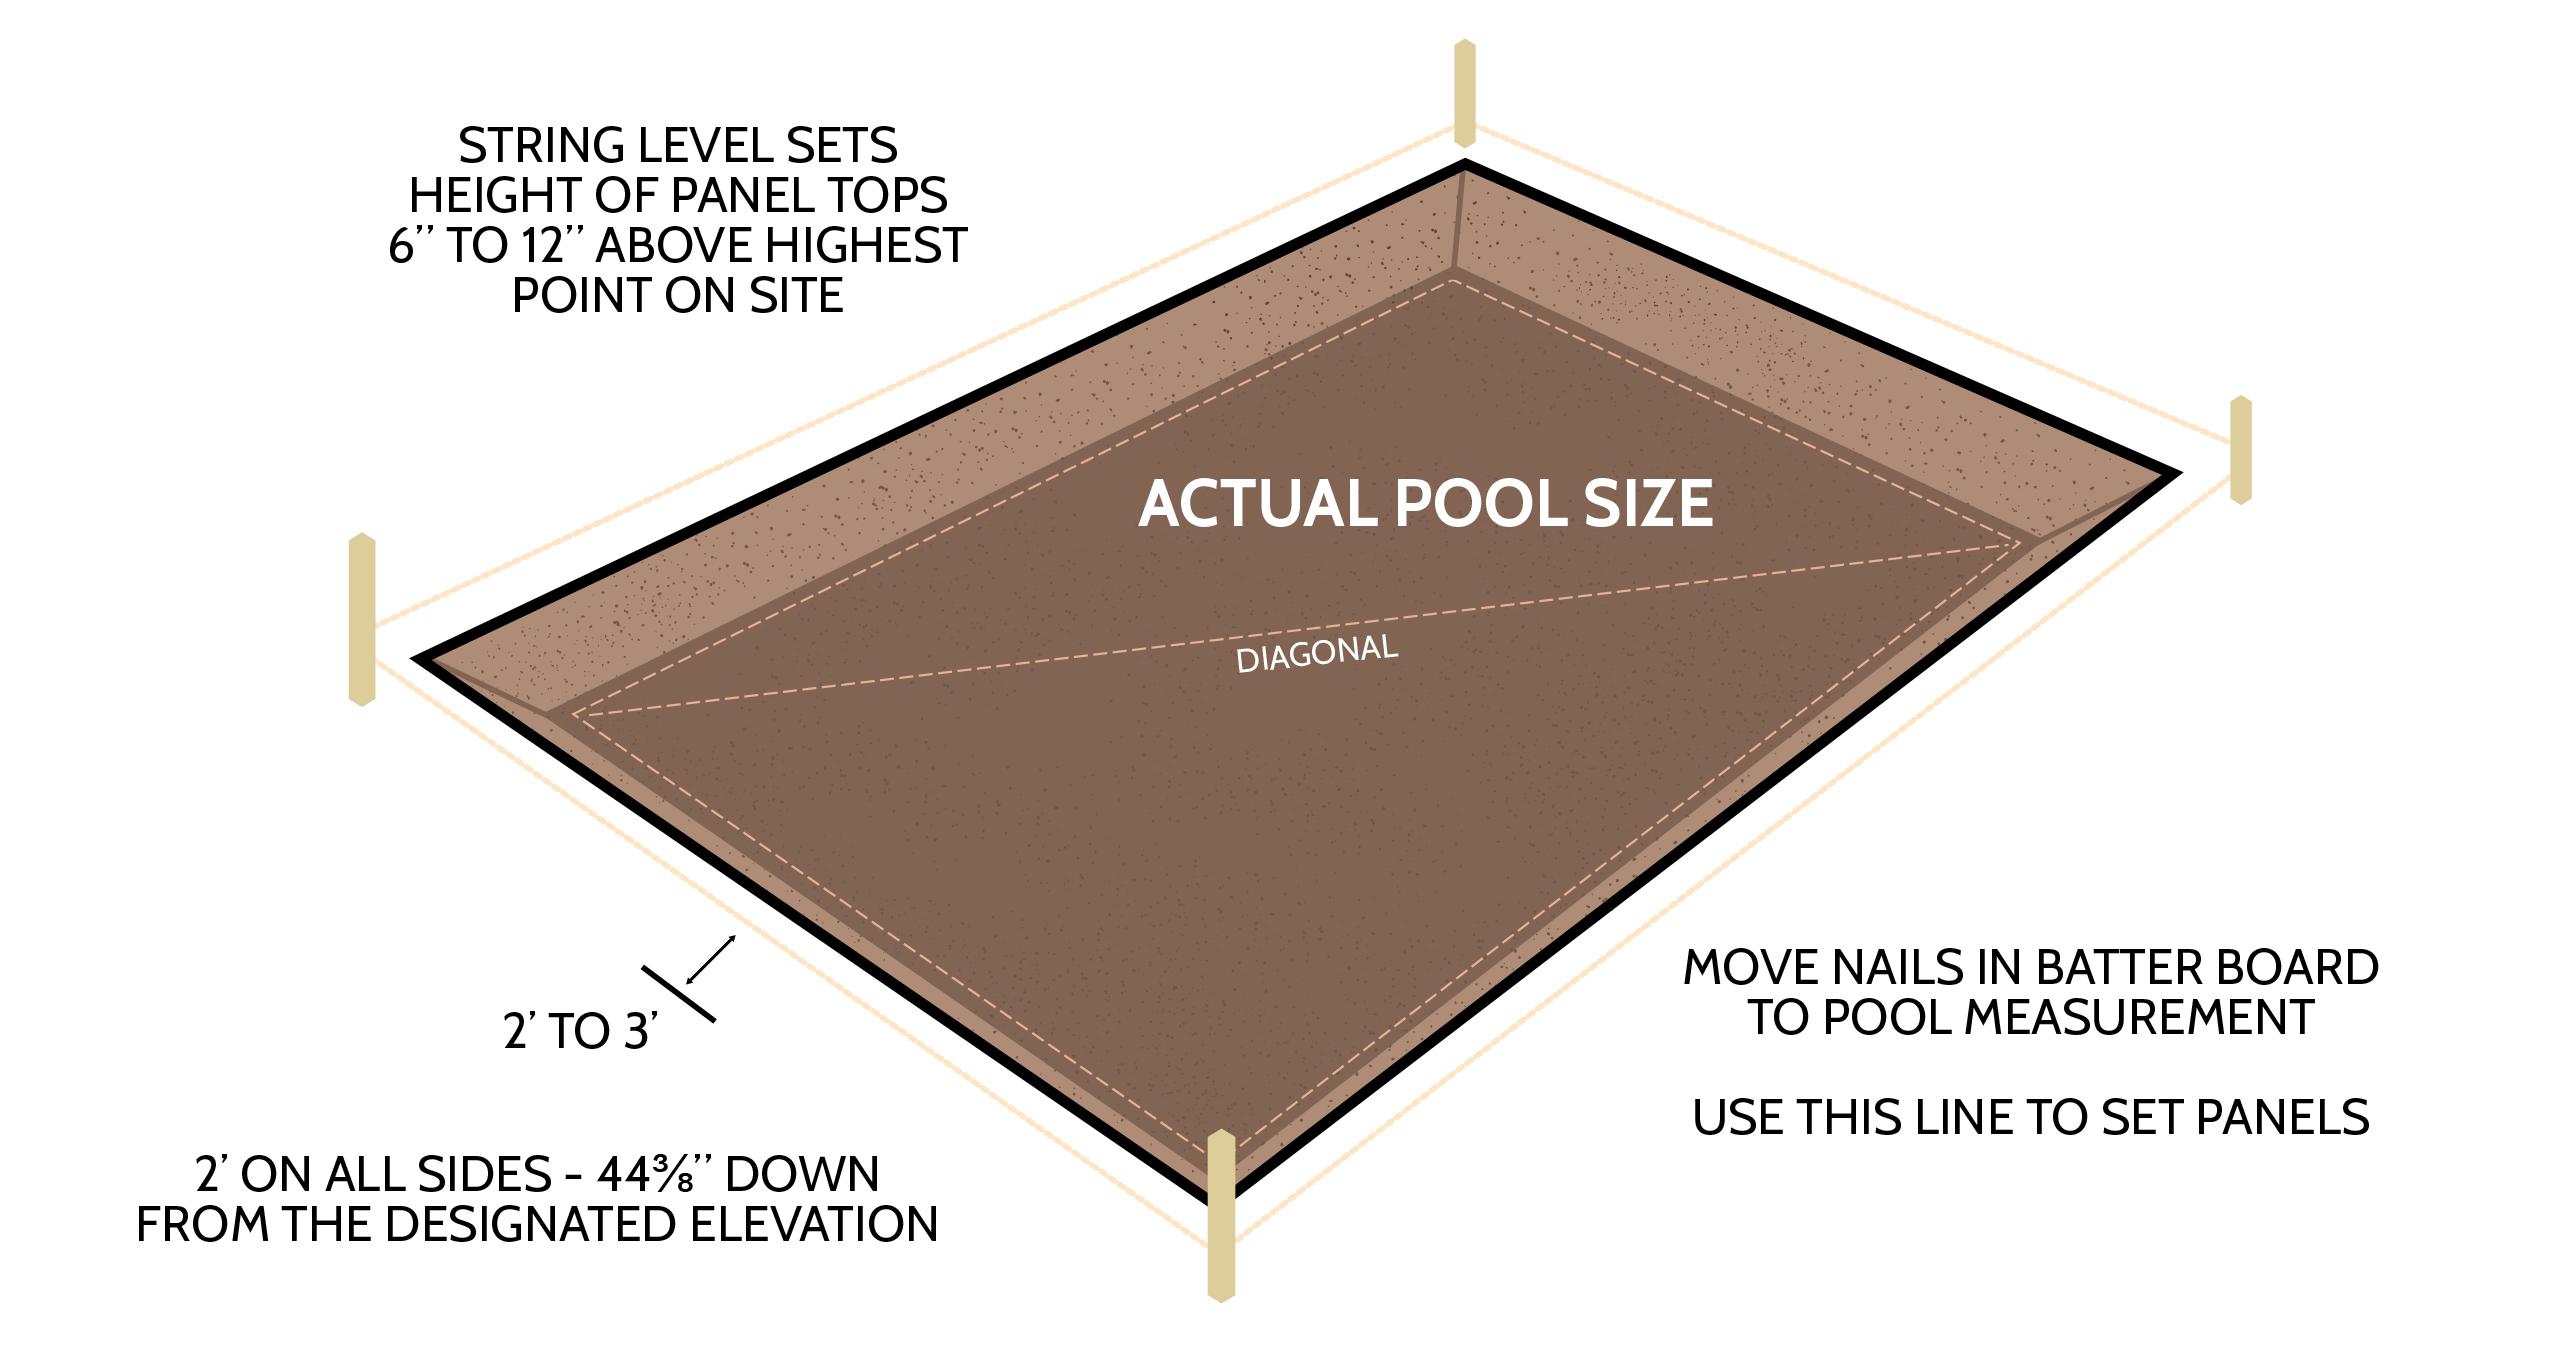 Swimming Pool Layout Inground Kits Kite Diagrams Youtube Kit